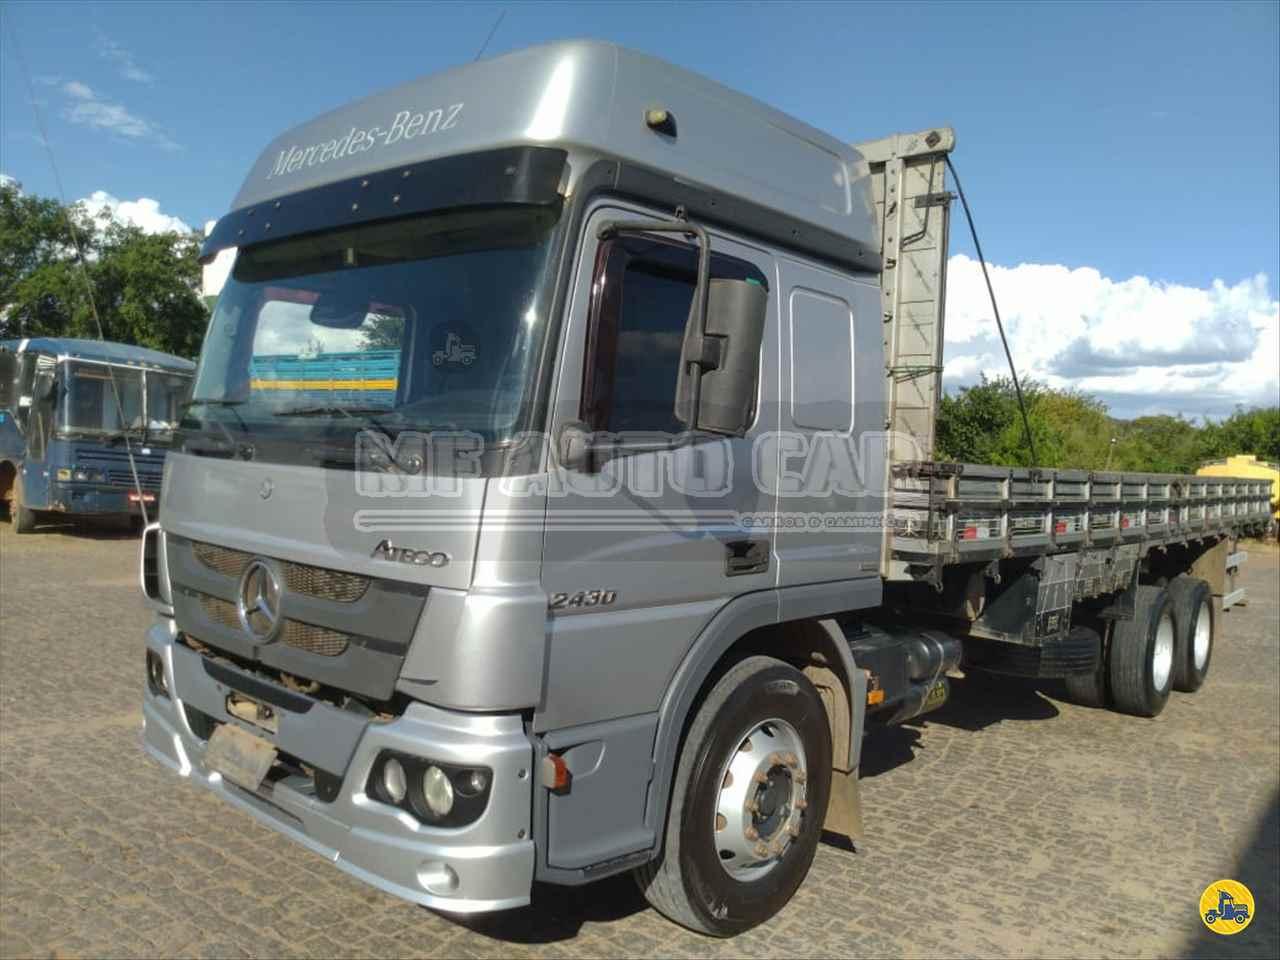 CAMINHAO MERCEDES-BENZ MB 2430 Graneleiro Truck 6x2 MF Auto Car PALHOCA SANTA CATARINA SC